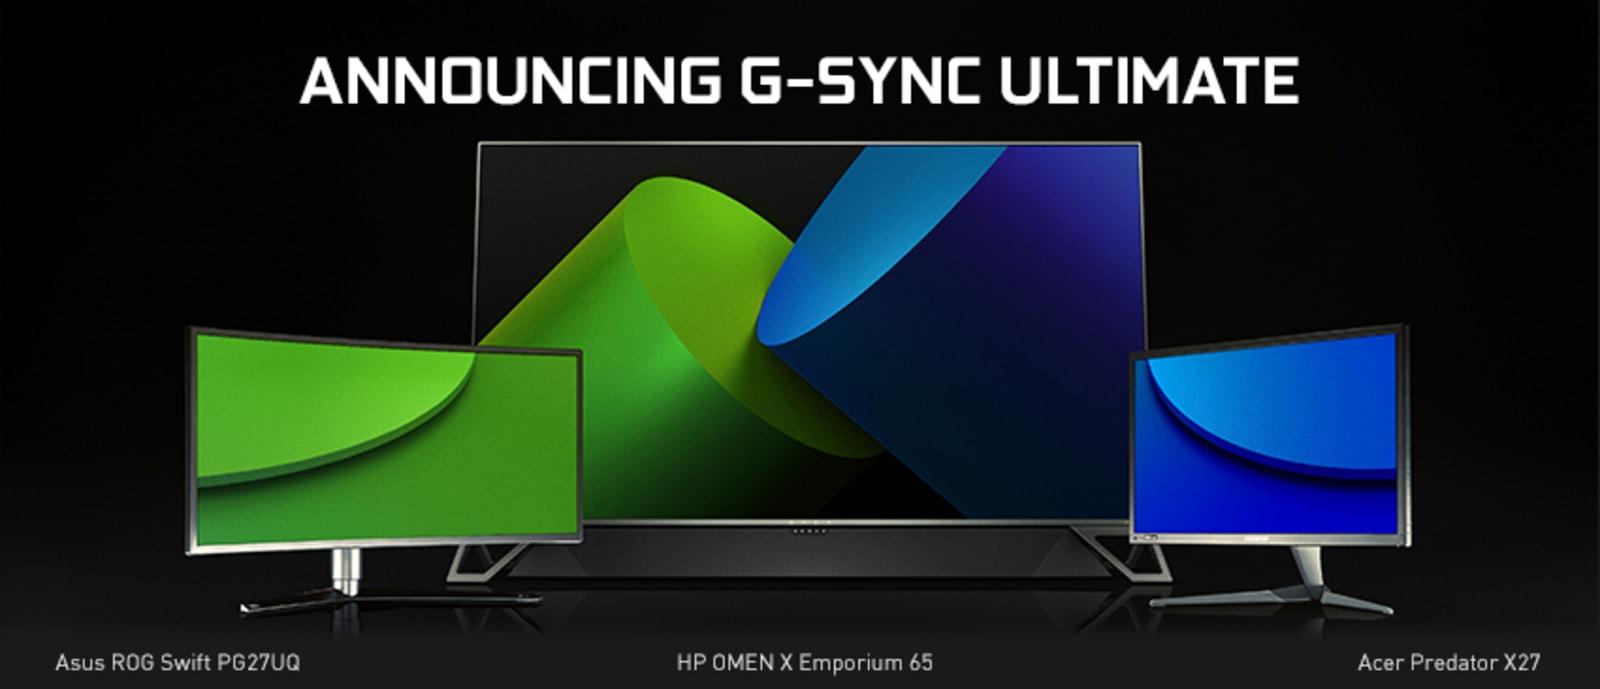 NVIDIA G-Sync Ultimate